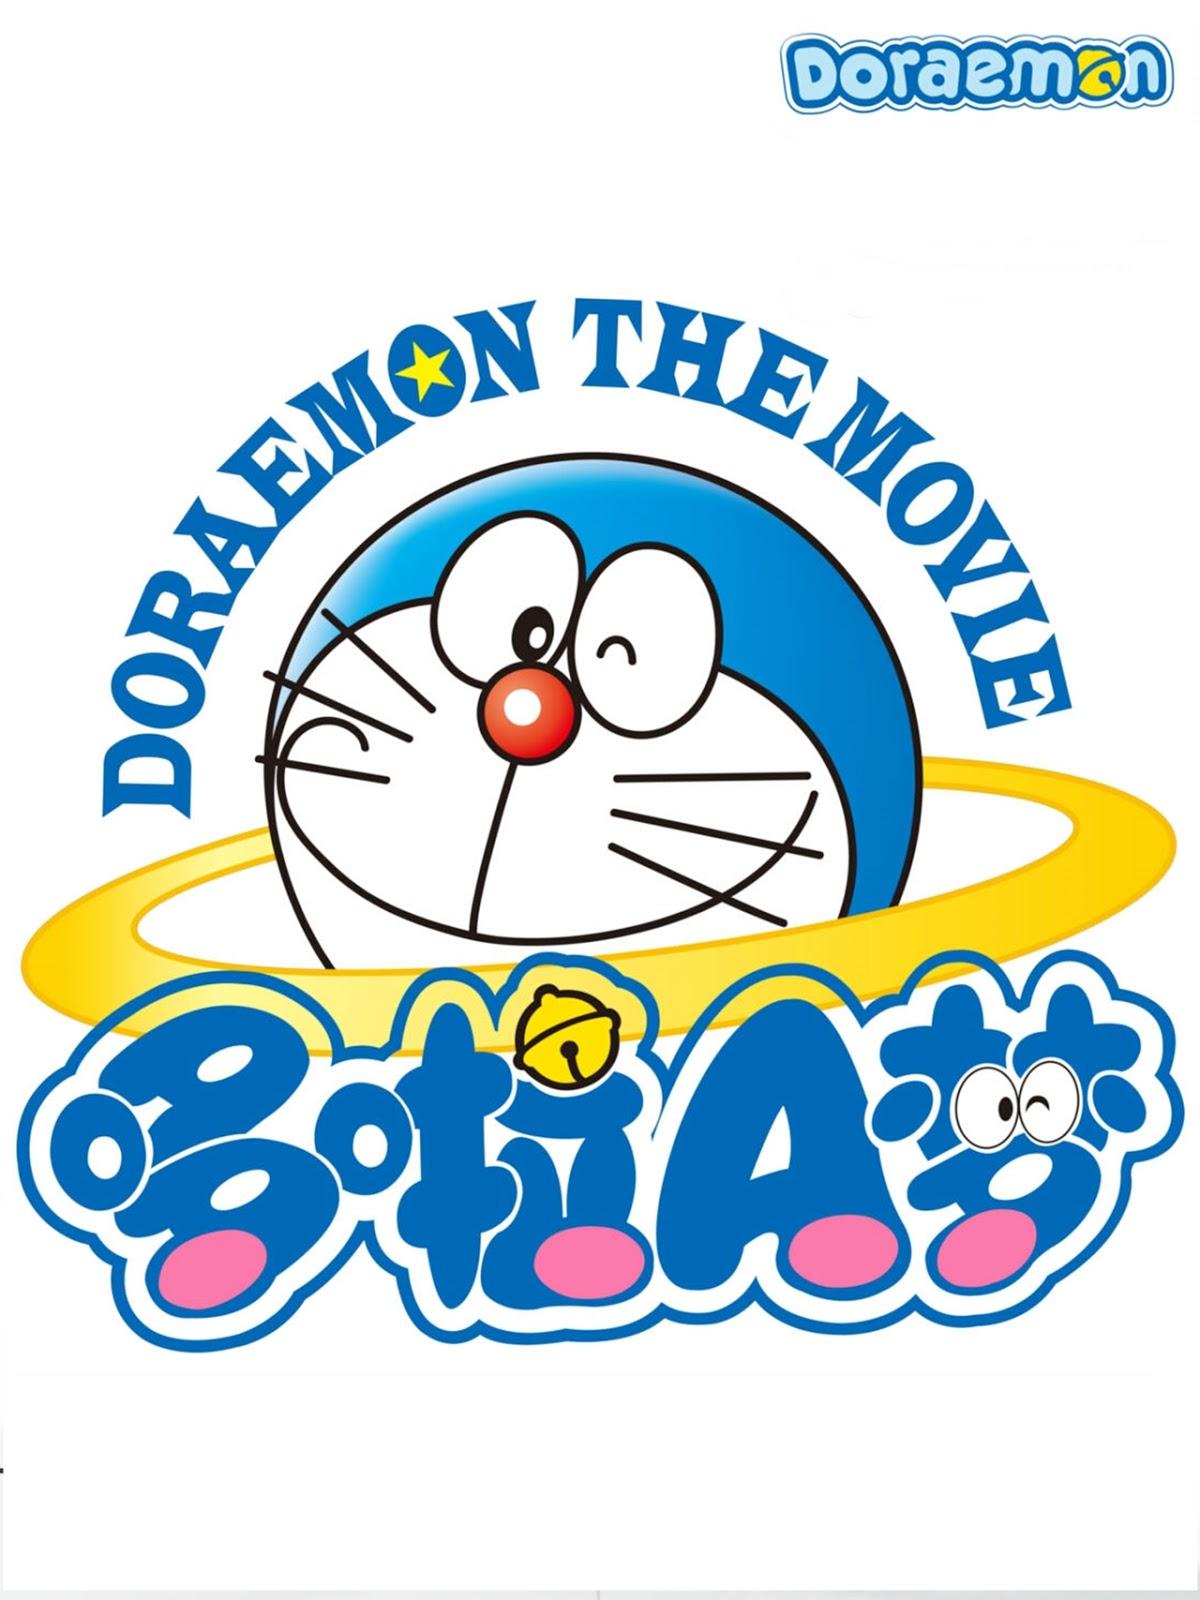 哆啦A夢 - Doraemon (2020)